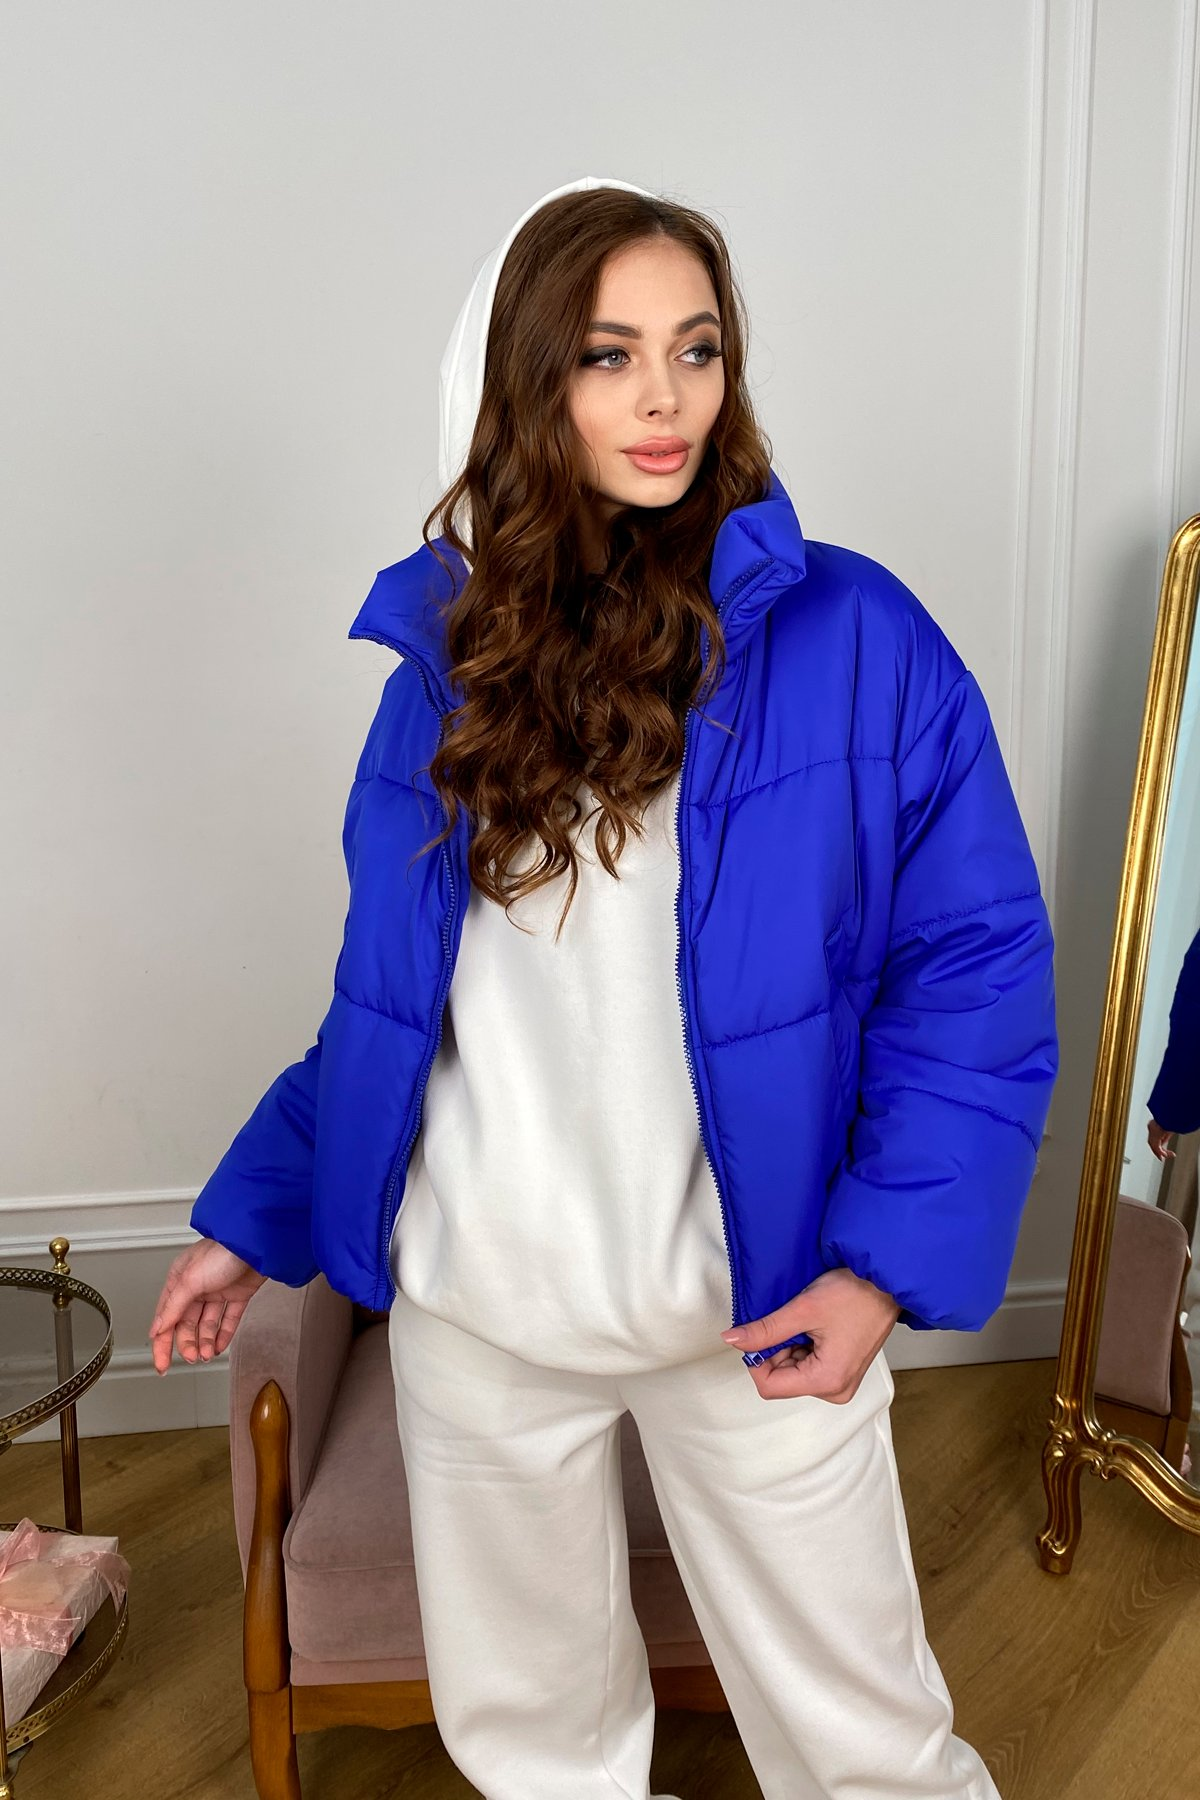 Драйв куртка из плащевой ткани 10448 АРТ. 46769 Цвет: Электрик 1052 - фото 3, интернет магазин tm-modus.ru